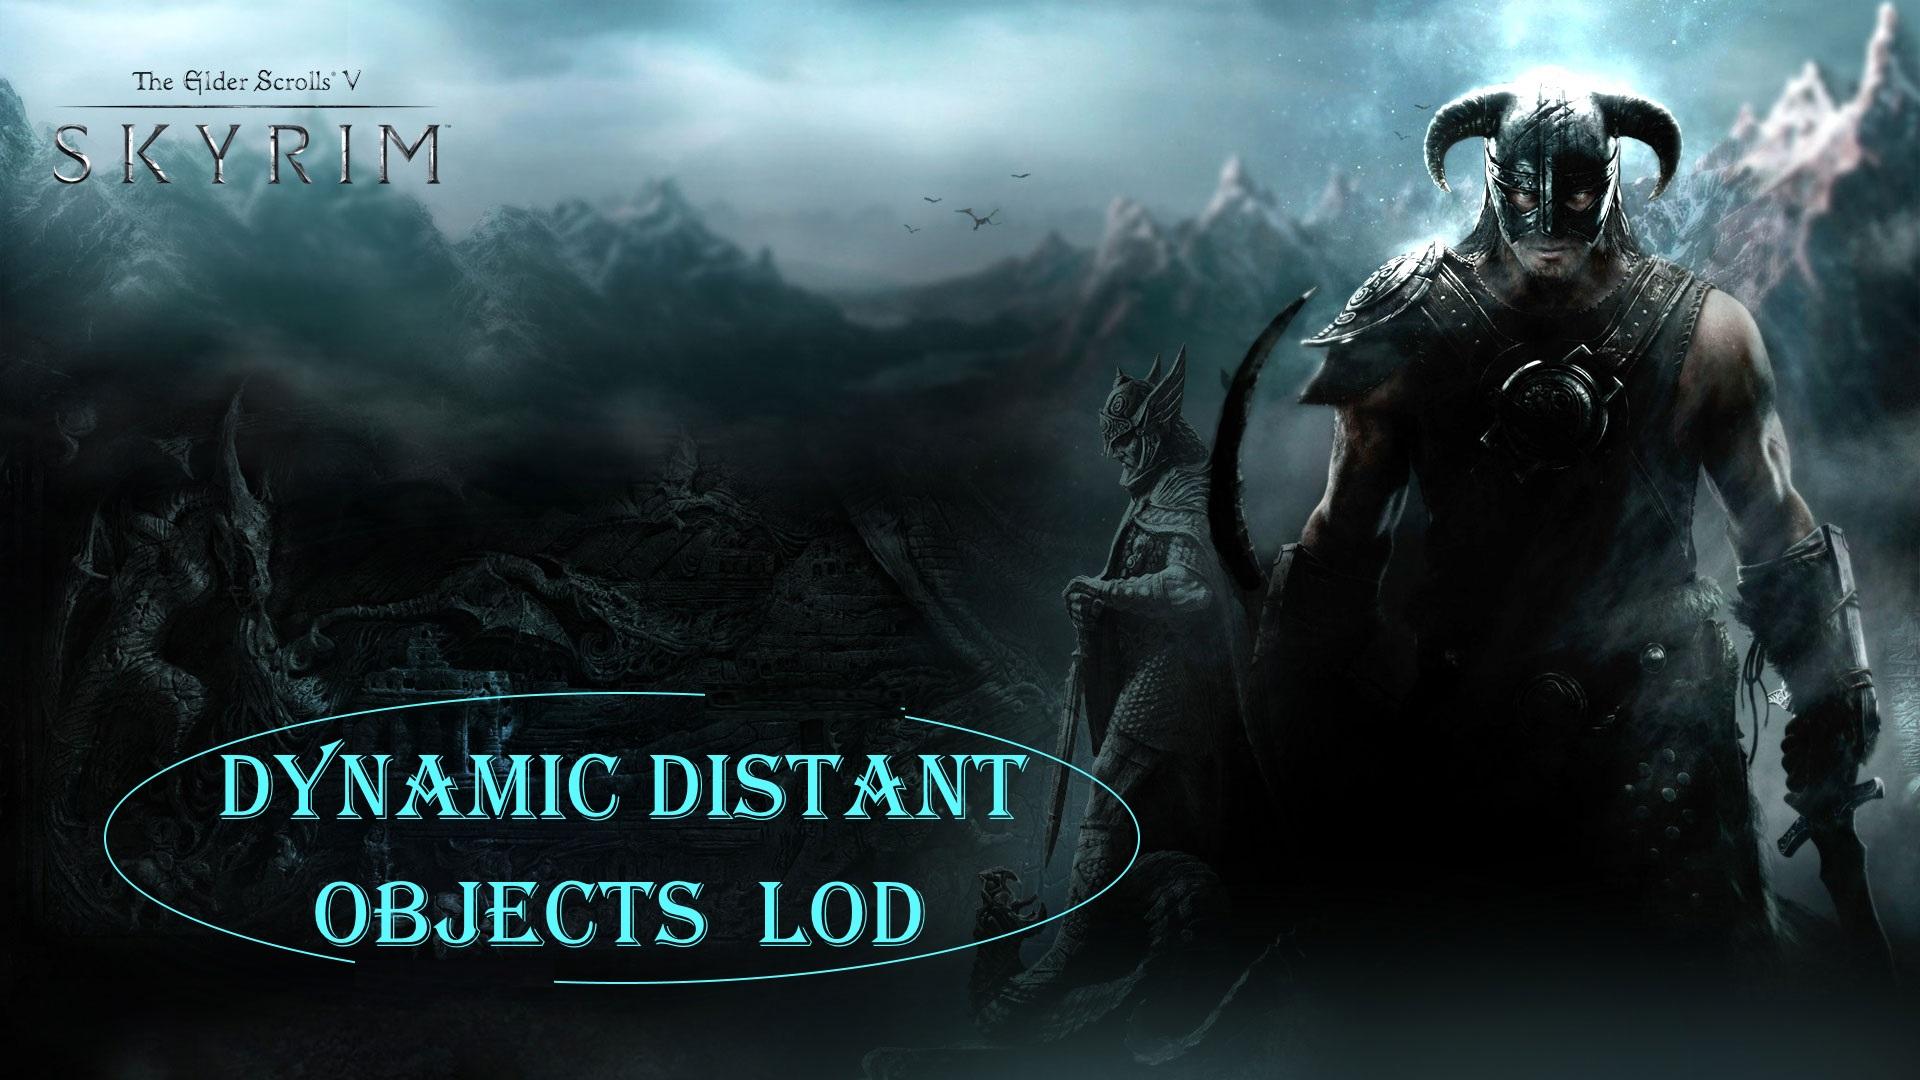 Dynamic_Distant_Objects_LOD.jpg